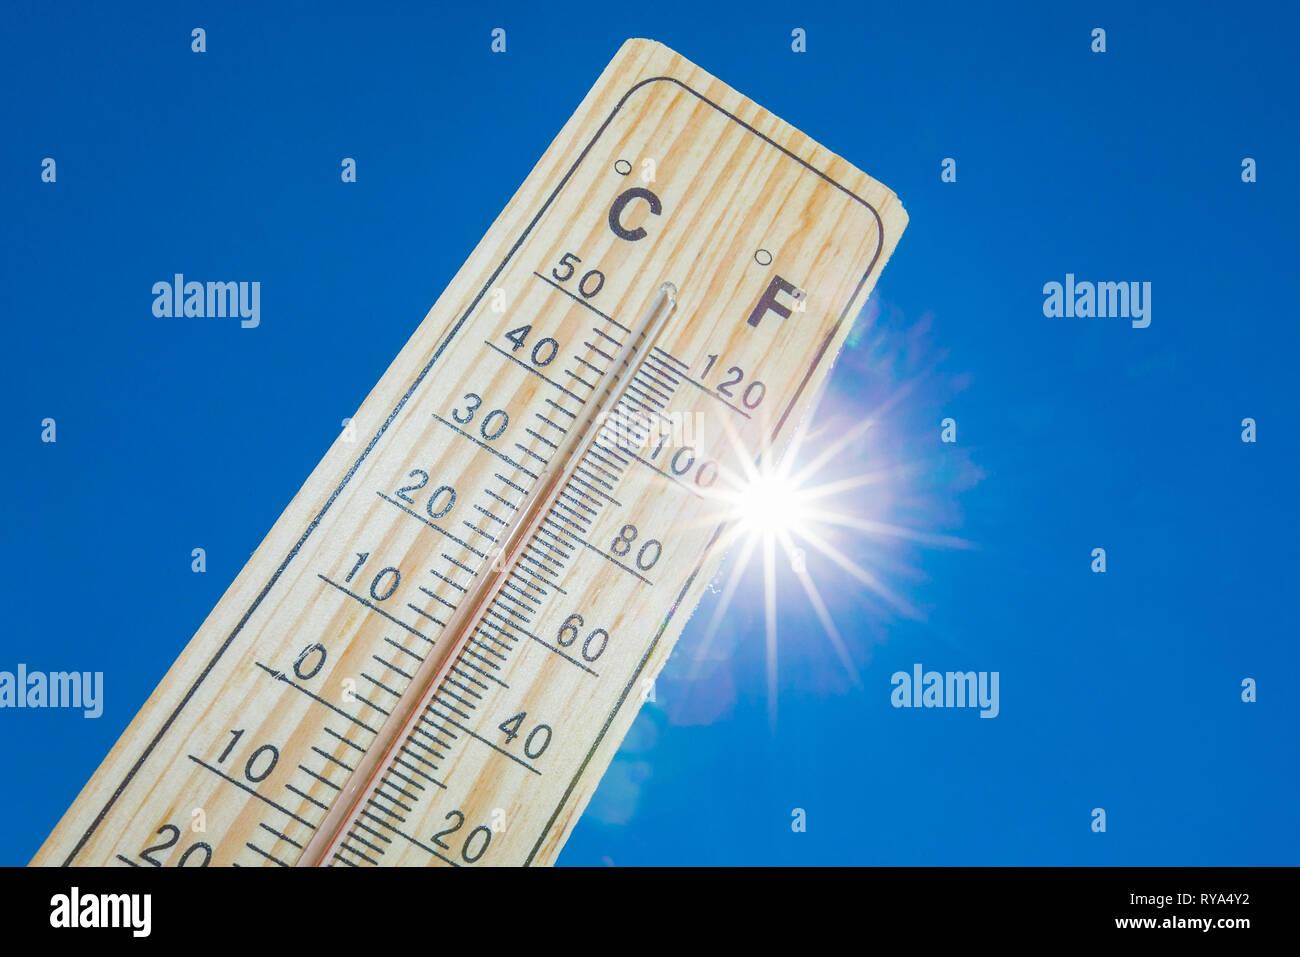 Ein Thermometer vor der gleissenden Sonne am blauen Himmel Stock Photo